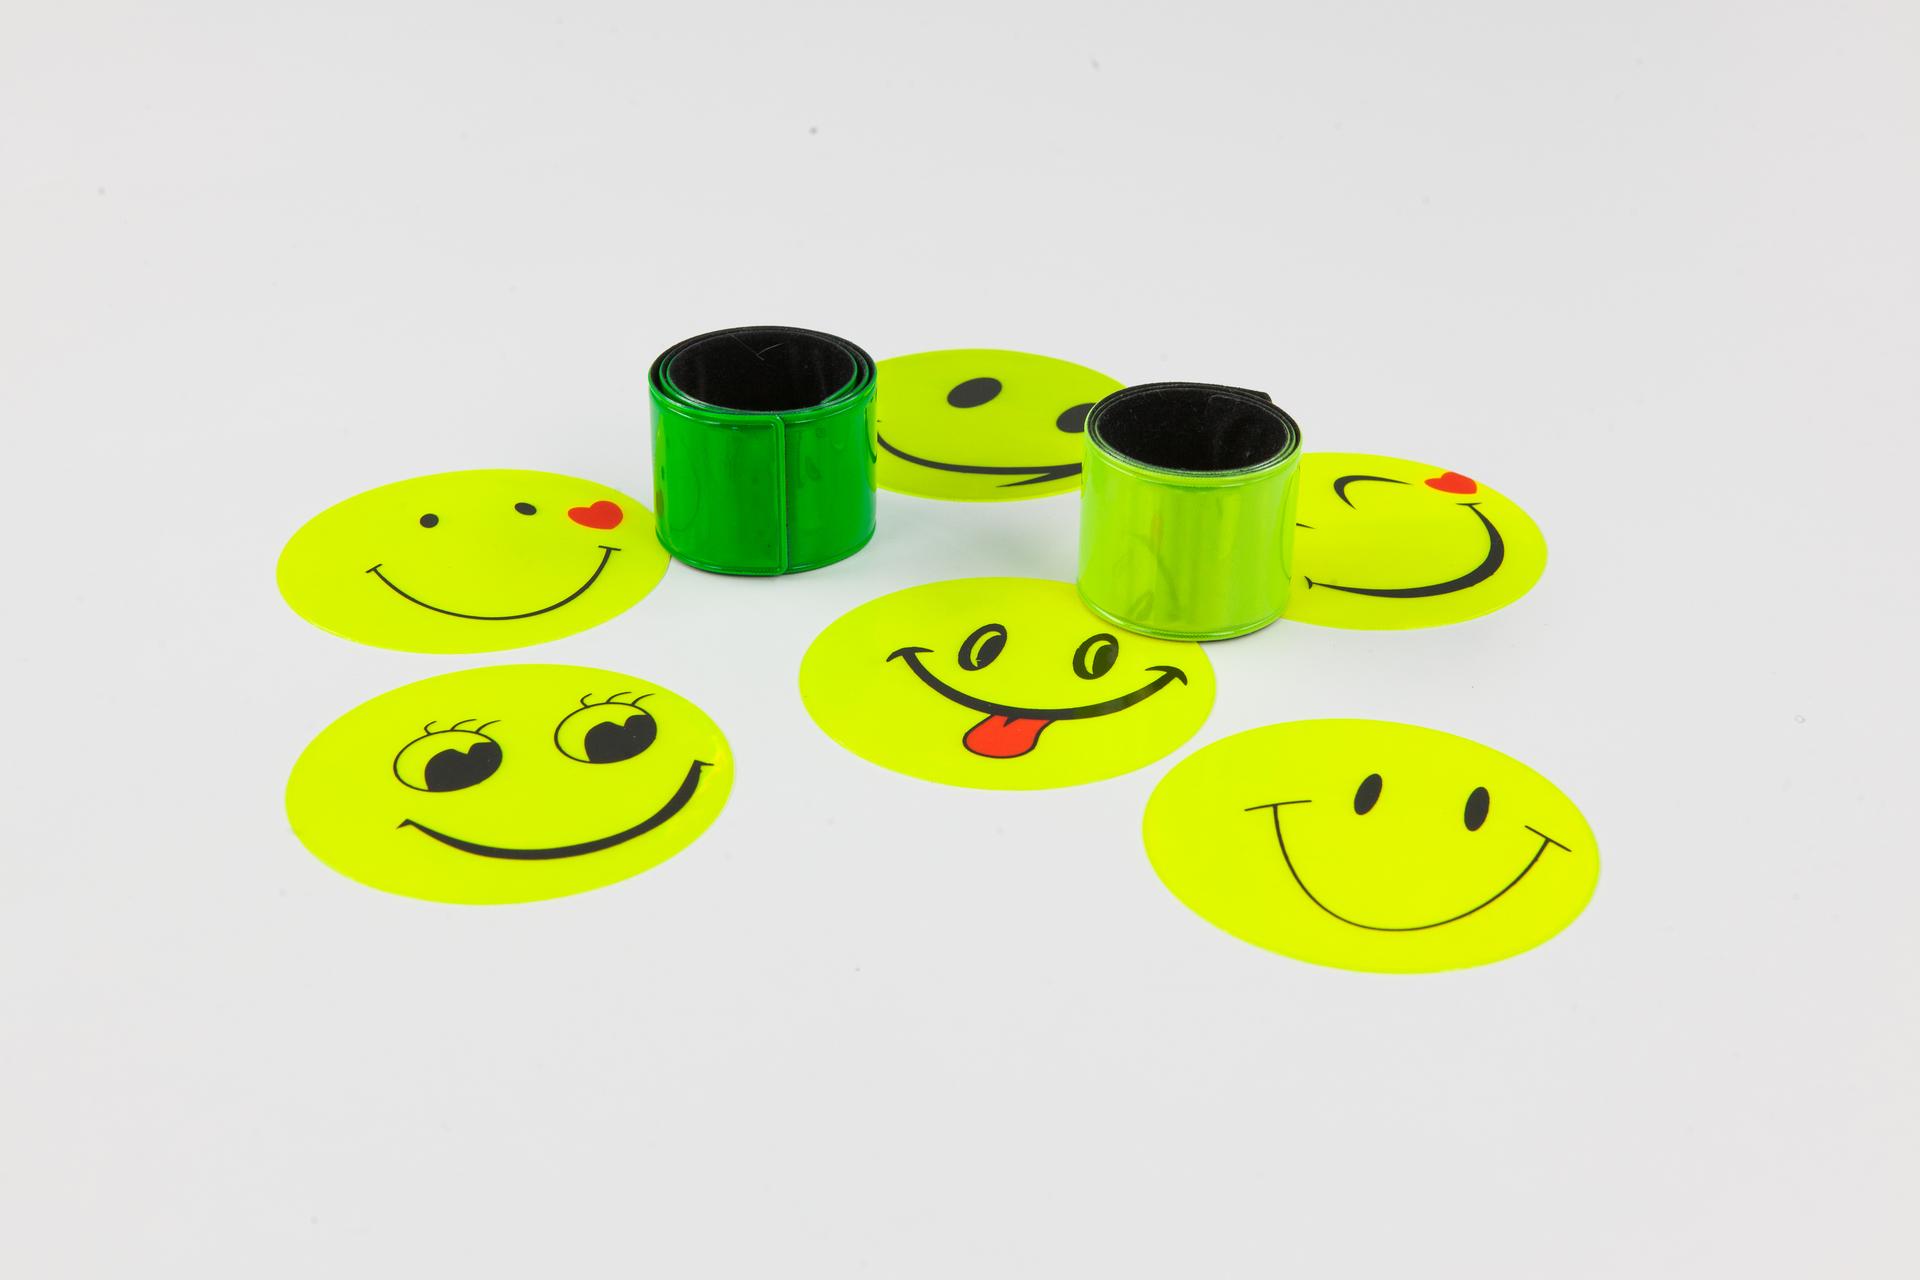 Galeria zawierająca zdjęcia przyborów odblaskowych poprawiających widoczność człowieka na drodze. Zdjęcie numer dwa przedstawia naklejki iopaski odblaskowe. Okrągłe naklejki przedstawiają uśmiechnięte buźki. Elastyczne opaski przeznaczone do zakładania na nadgarstki ułożone wrulony. Dominujące kolory akcesoriów to żółć izieleń.